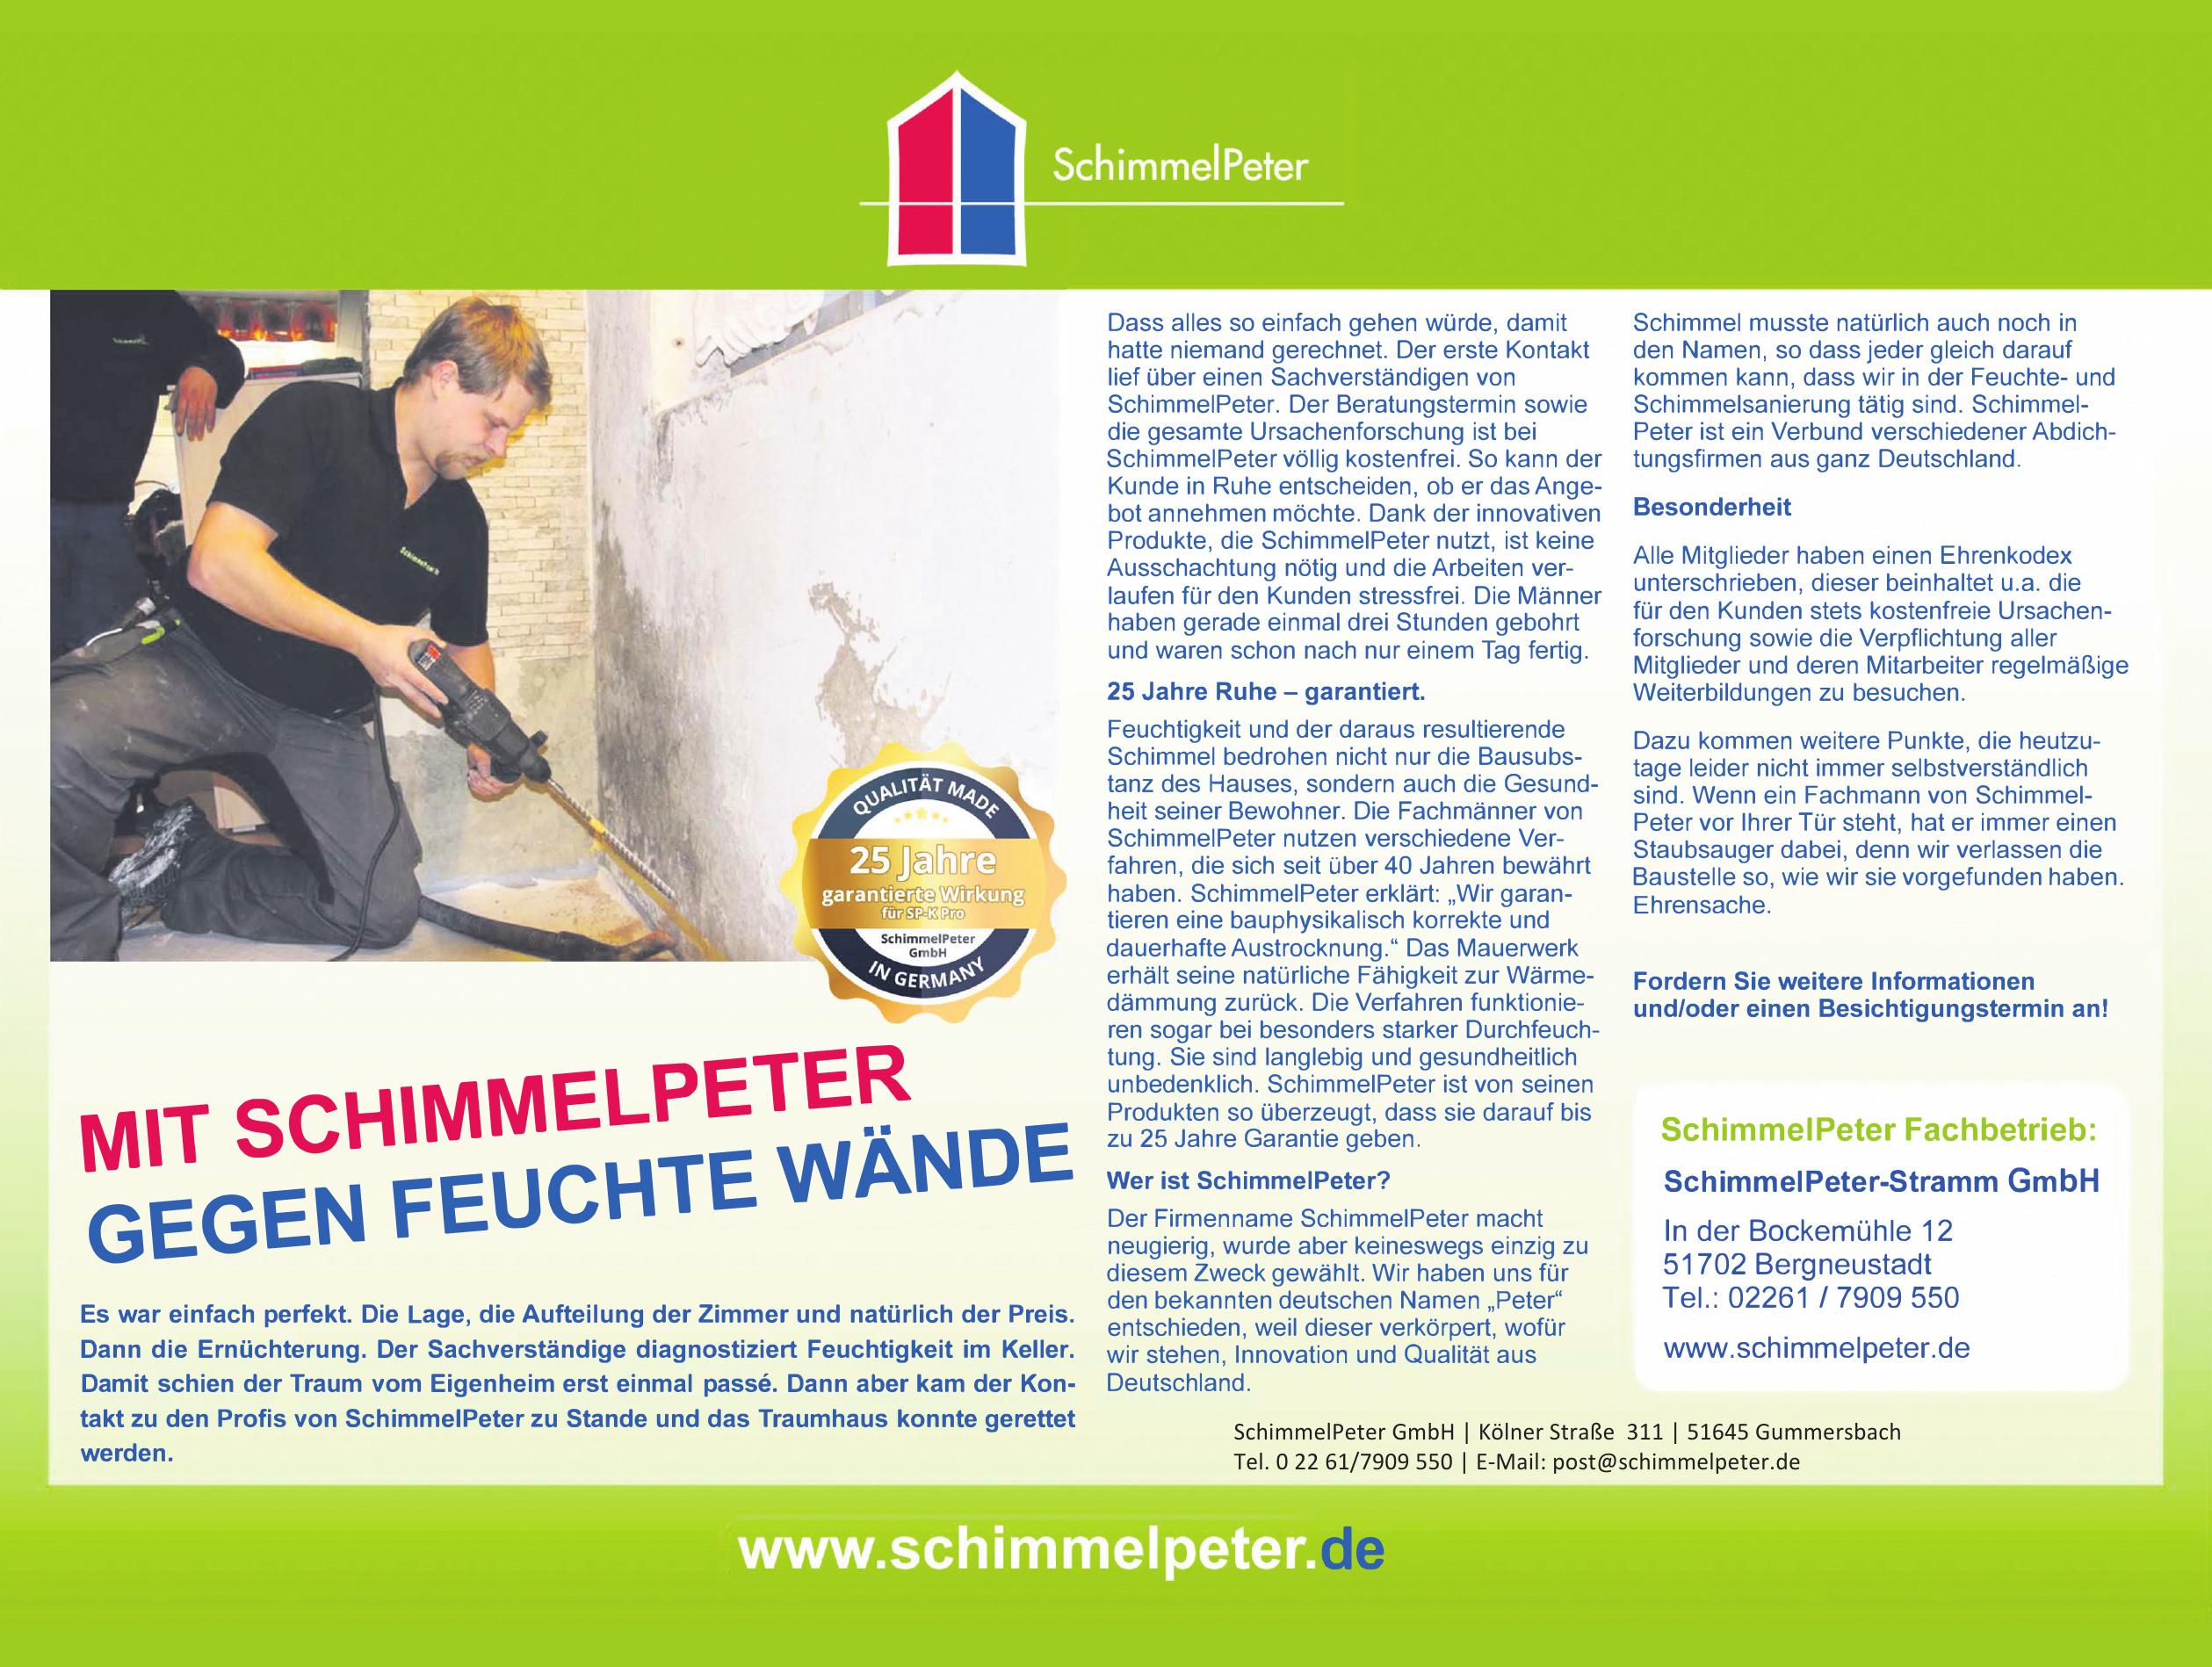 SchimmelPeter-Stramm GmbH